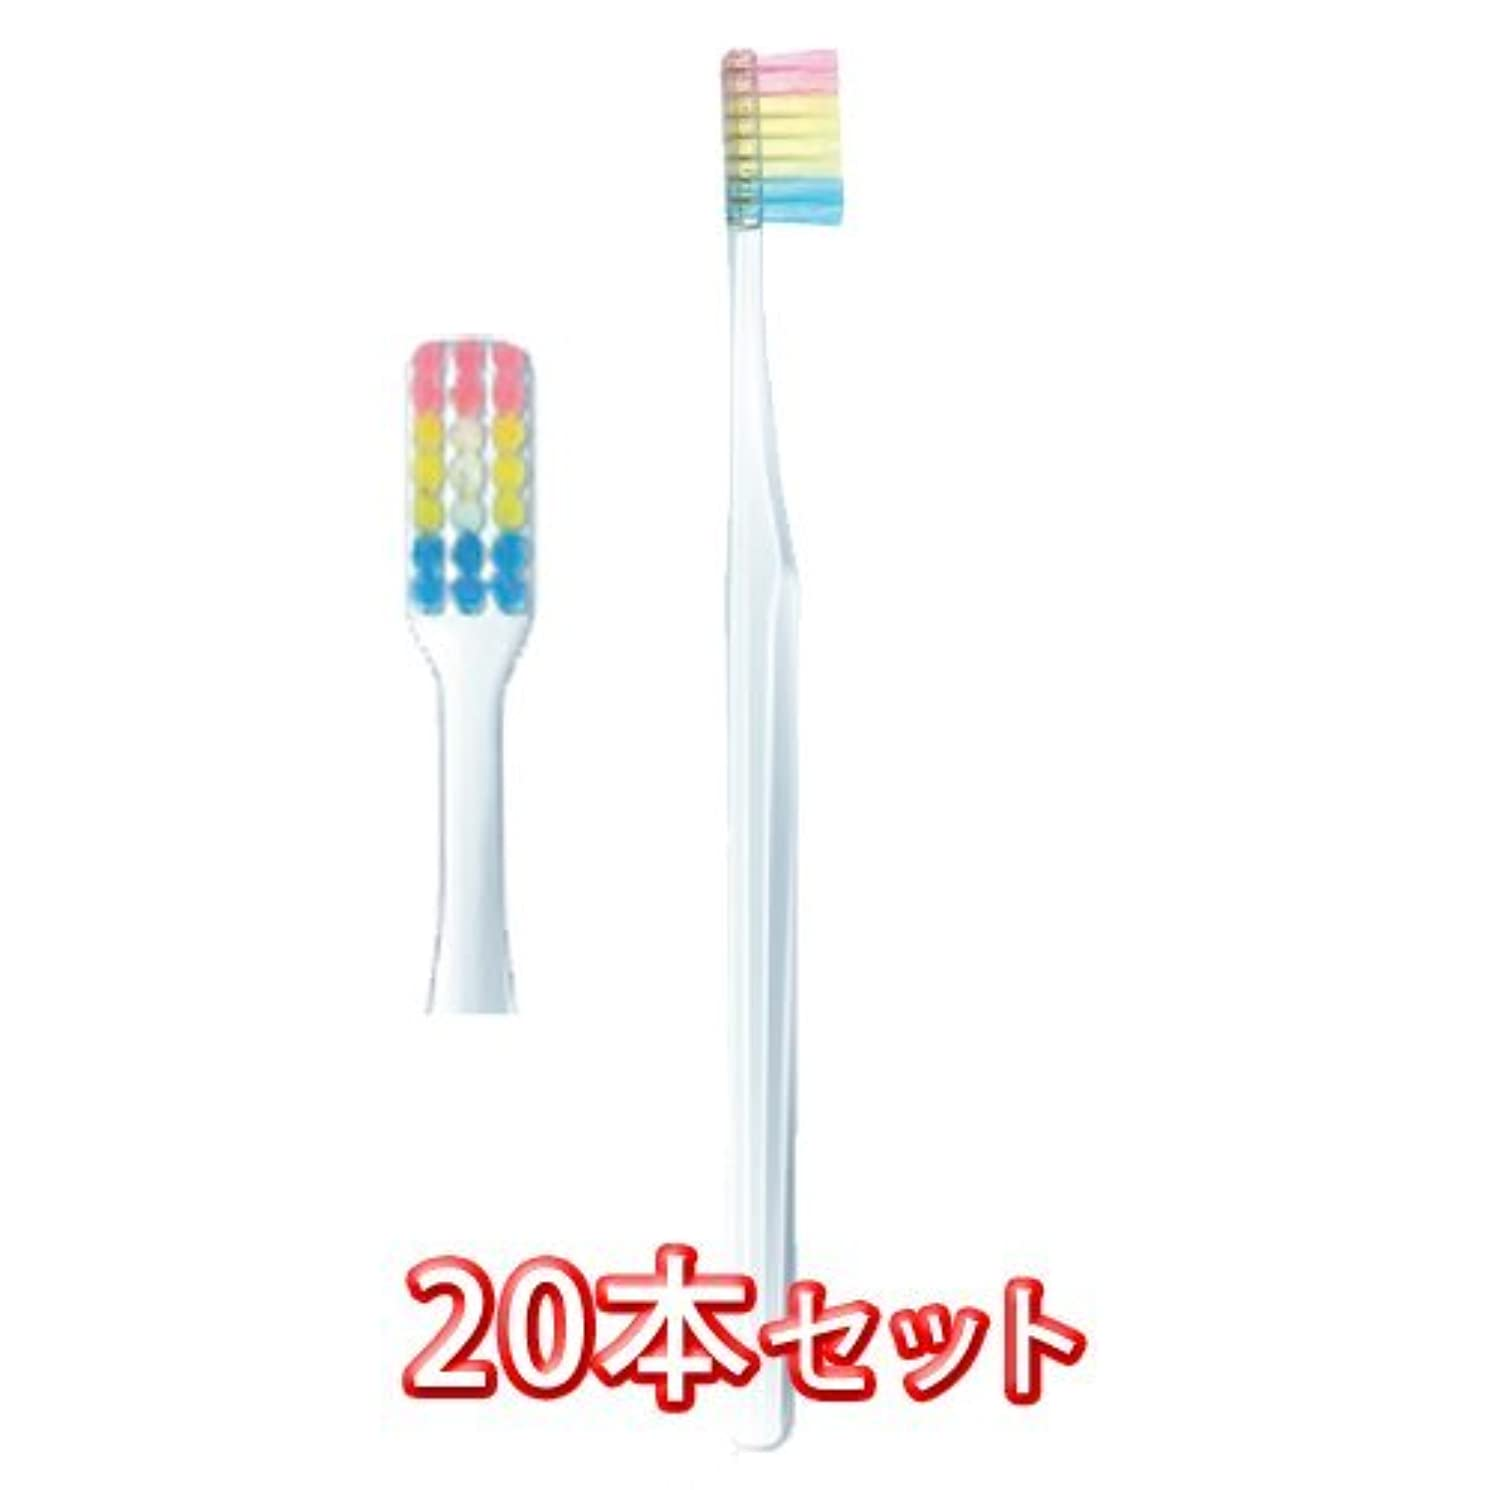 分類無条件捧げるプロスペック 歯ブラシ ヤング 20本入 フォーレッスン 毛の硬さふつう